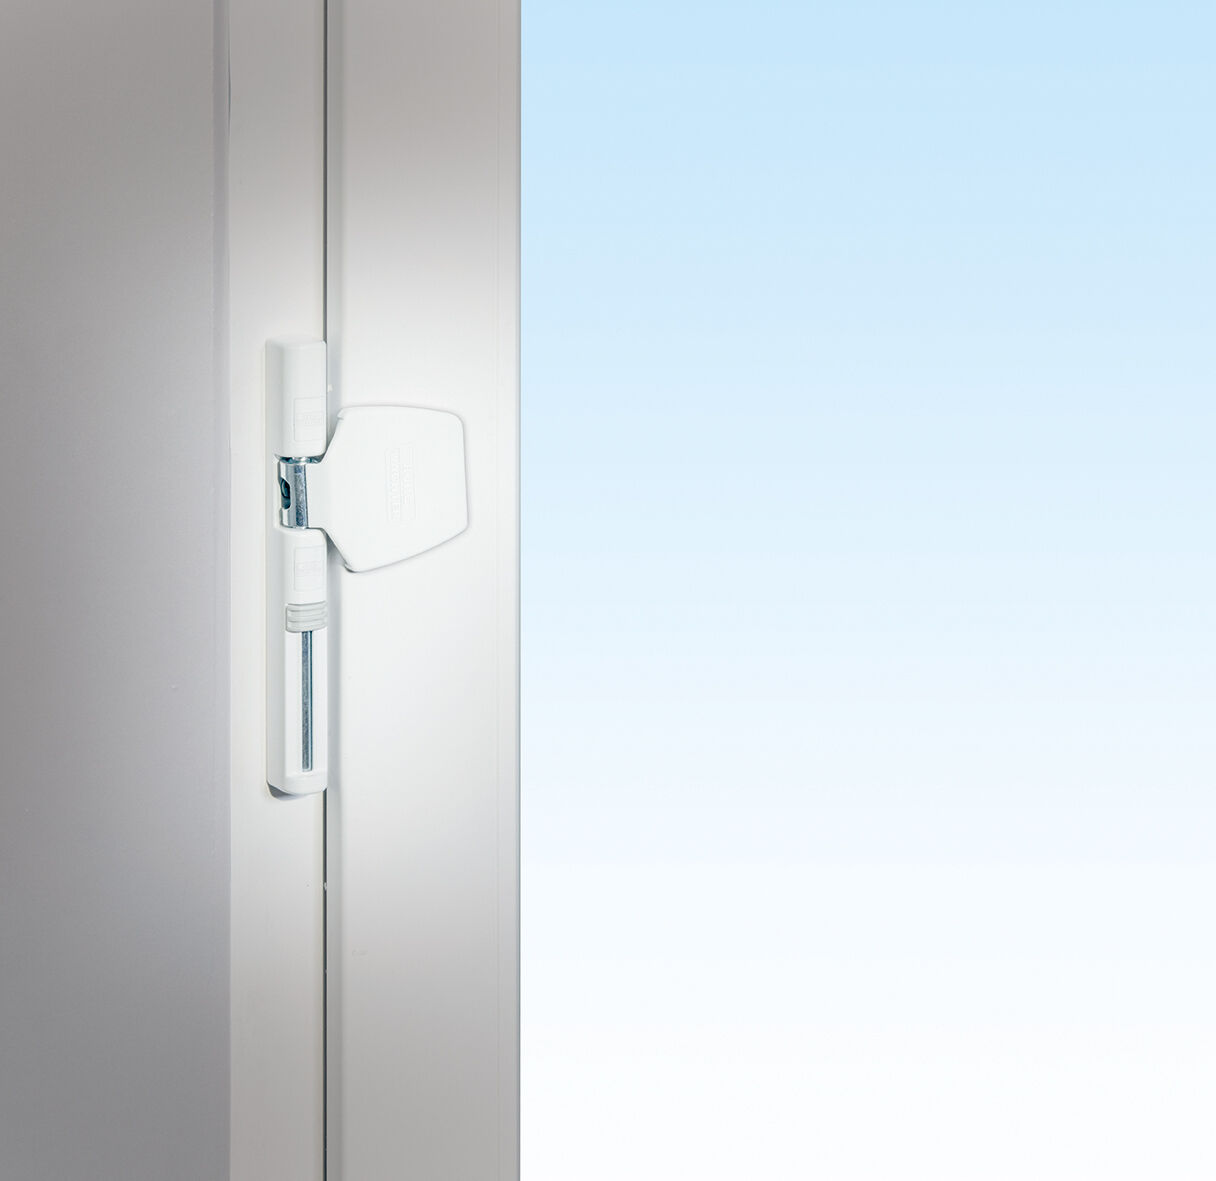 Burg Wächter Wächter Wächter Fenstersicherung Winsafe WS 44 in Weiss -Scharnierseitensicherung | Schenken Sie Ihrem Kind eine glückliche Kindheit  c8caf4